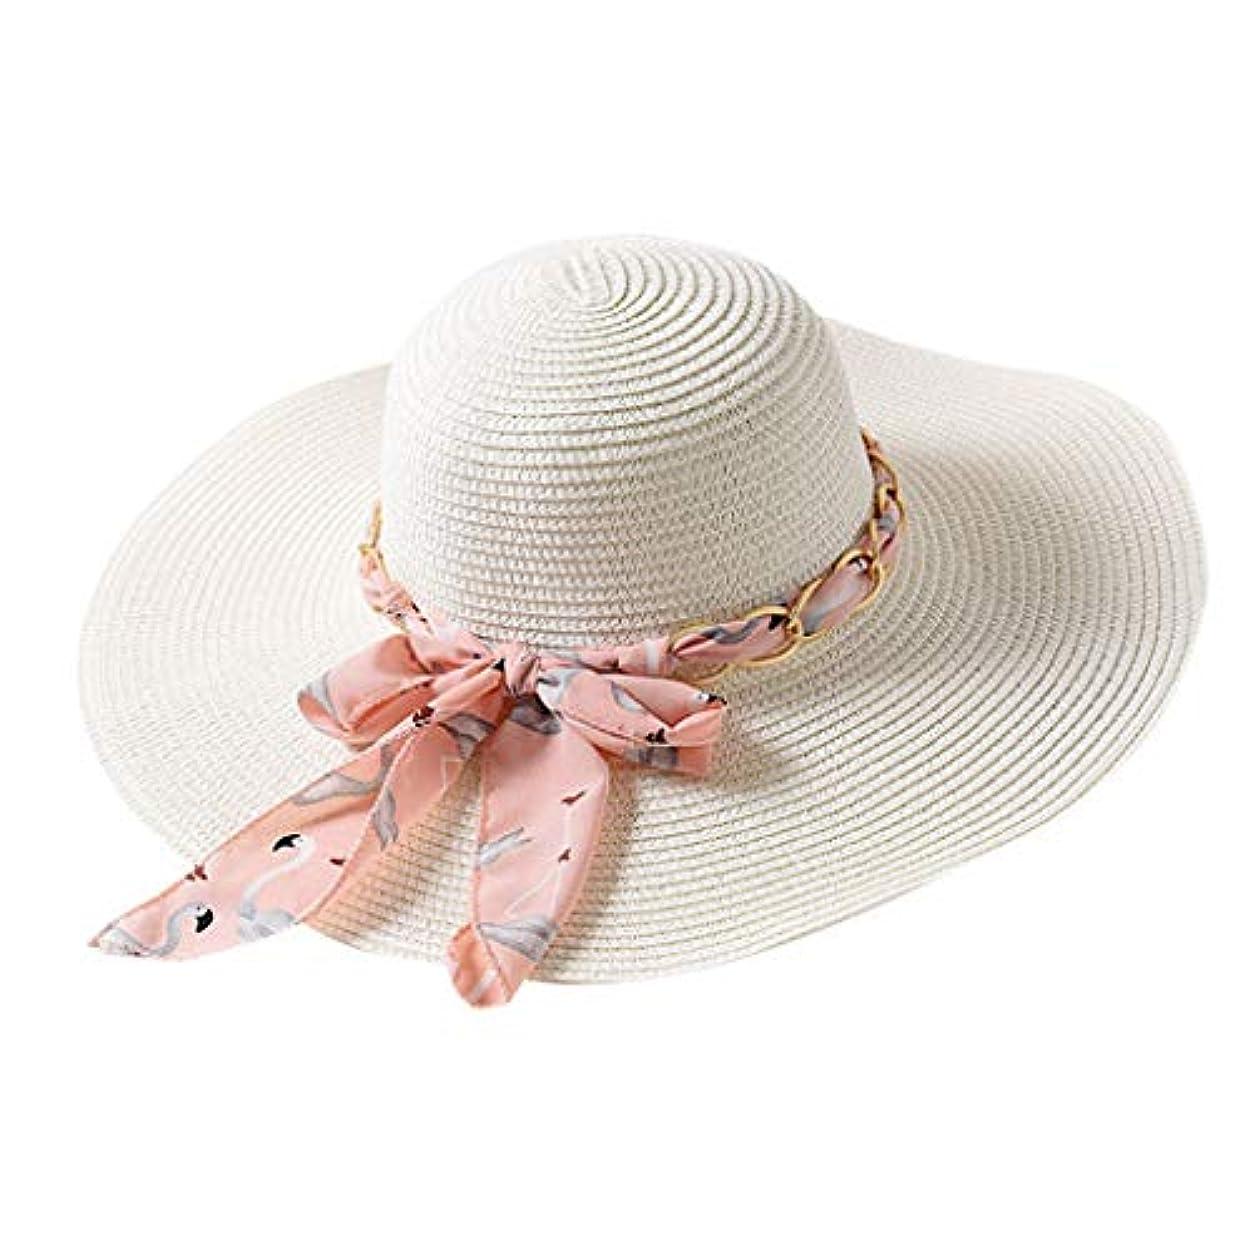 行く問題イデオロギーファッション小物 夏 帽子 レディース UVカット 帽子 ハット レディース 紫外線対策 日焼け防止 取り外すあご紐 つば広 おしゃれ 可愛い 夏季 折りたたみ サイズ調節可 旅行 女優帽 小顔効果抜群 ROSE ROMAN